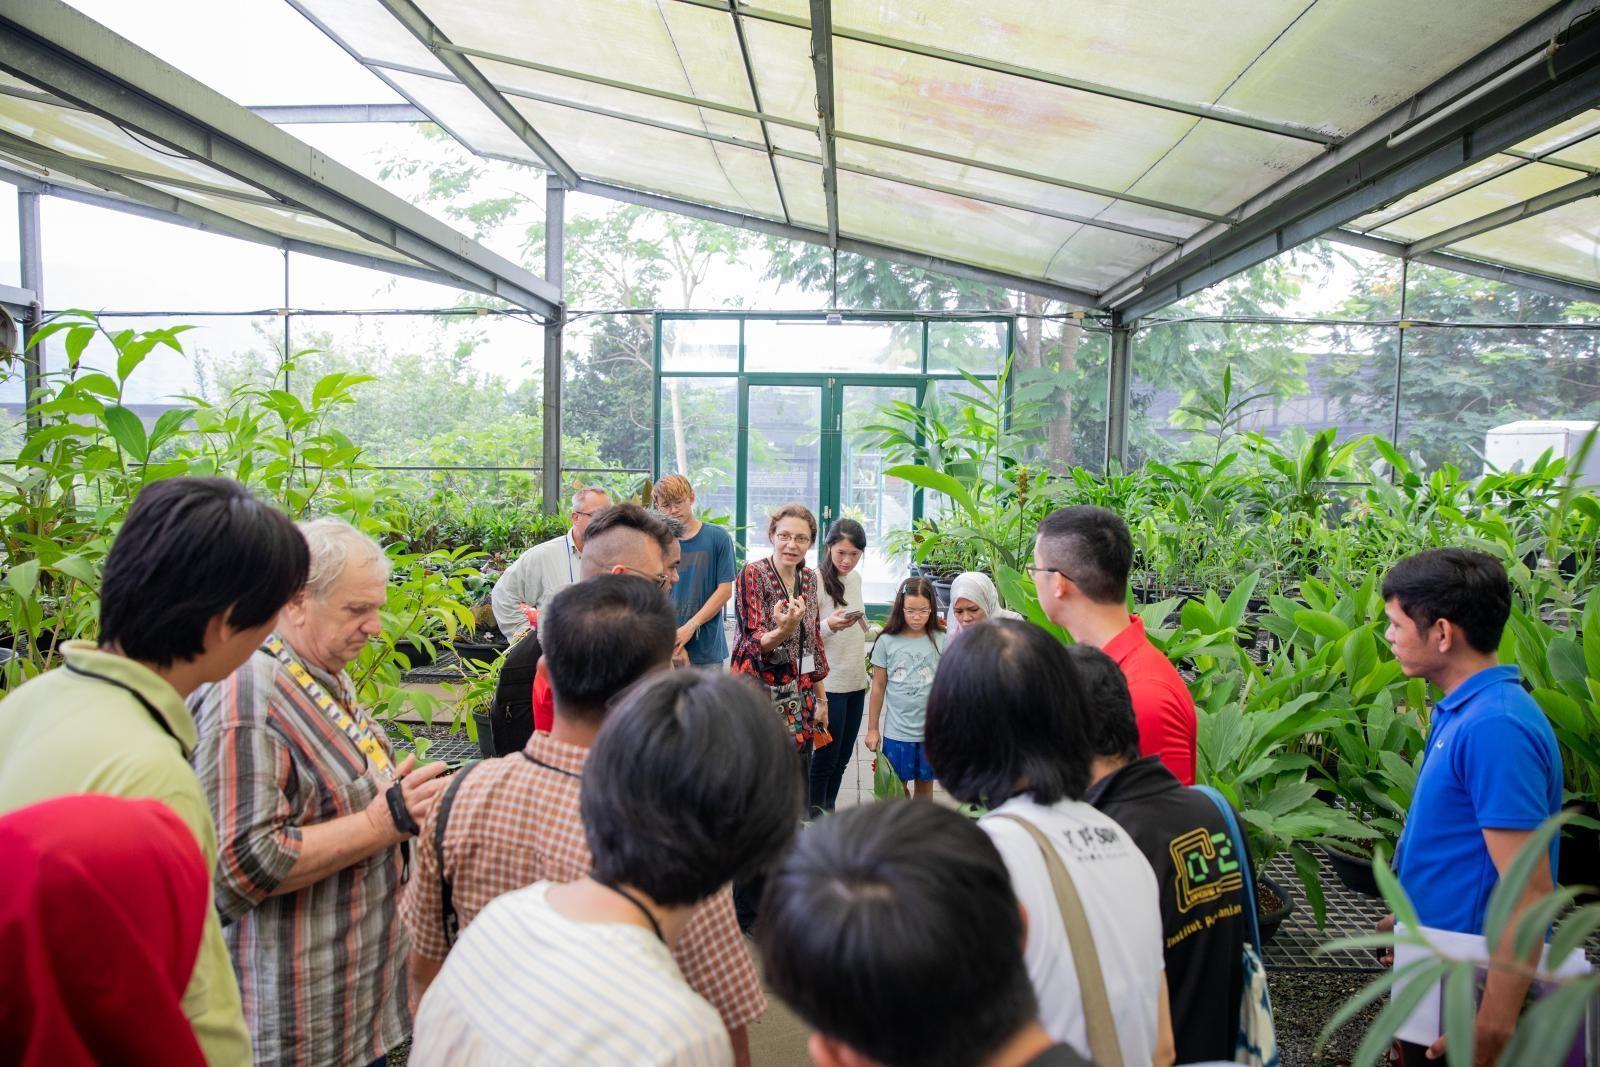 〈國際薑類植物研習班〉在KBCC溫室中實地講解薑類植物辨識